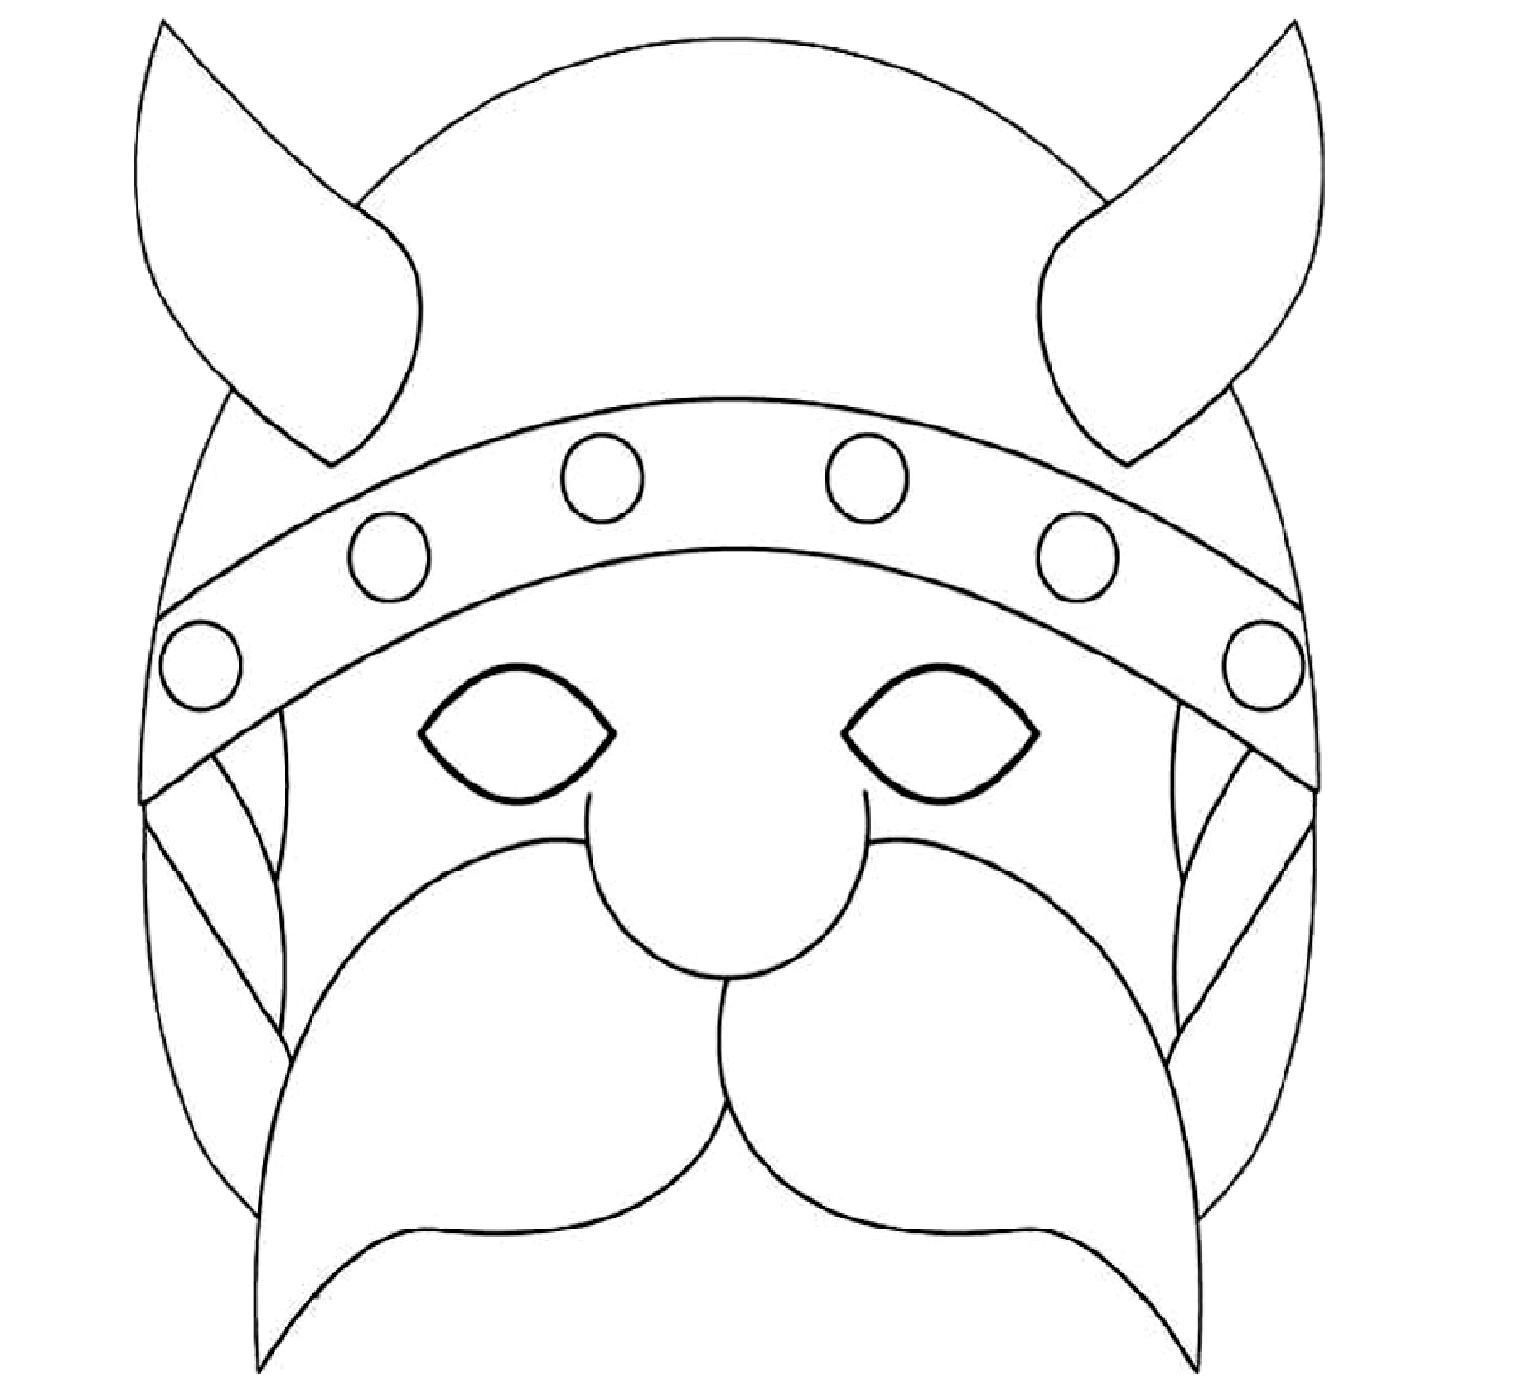 Masque Gaulois A Colorier Découpage A Imprimer intérieur Masque Enfant A Colorier